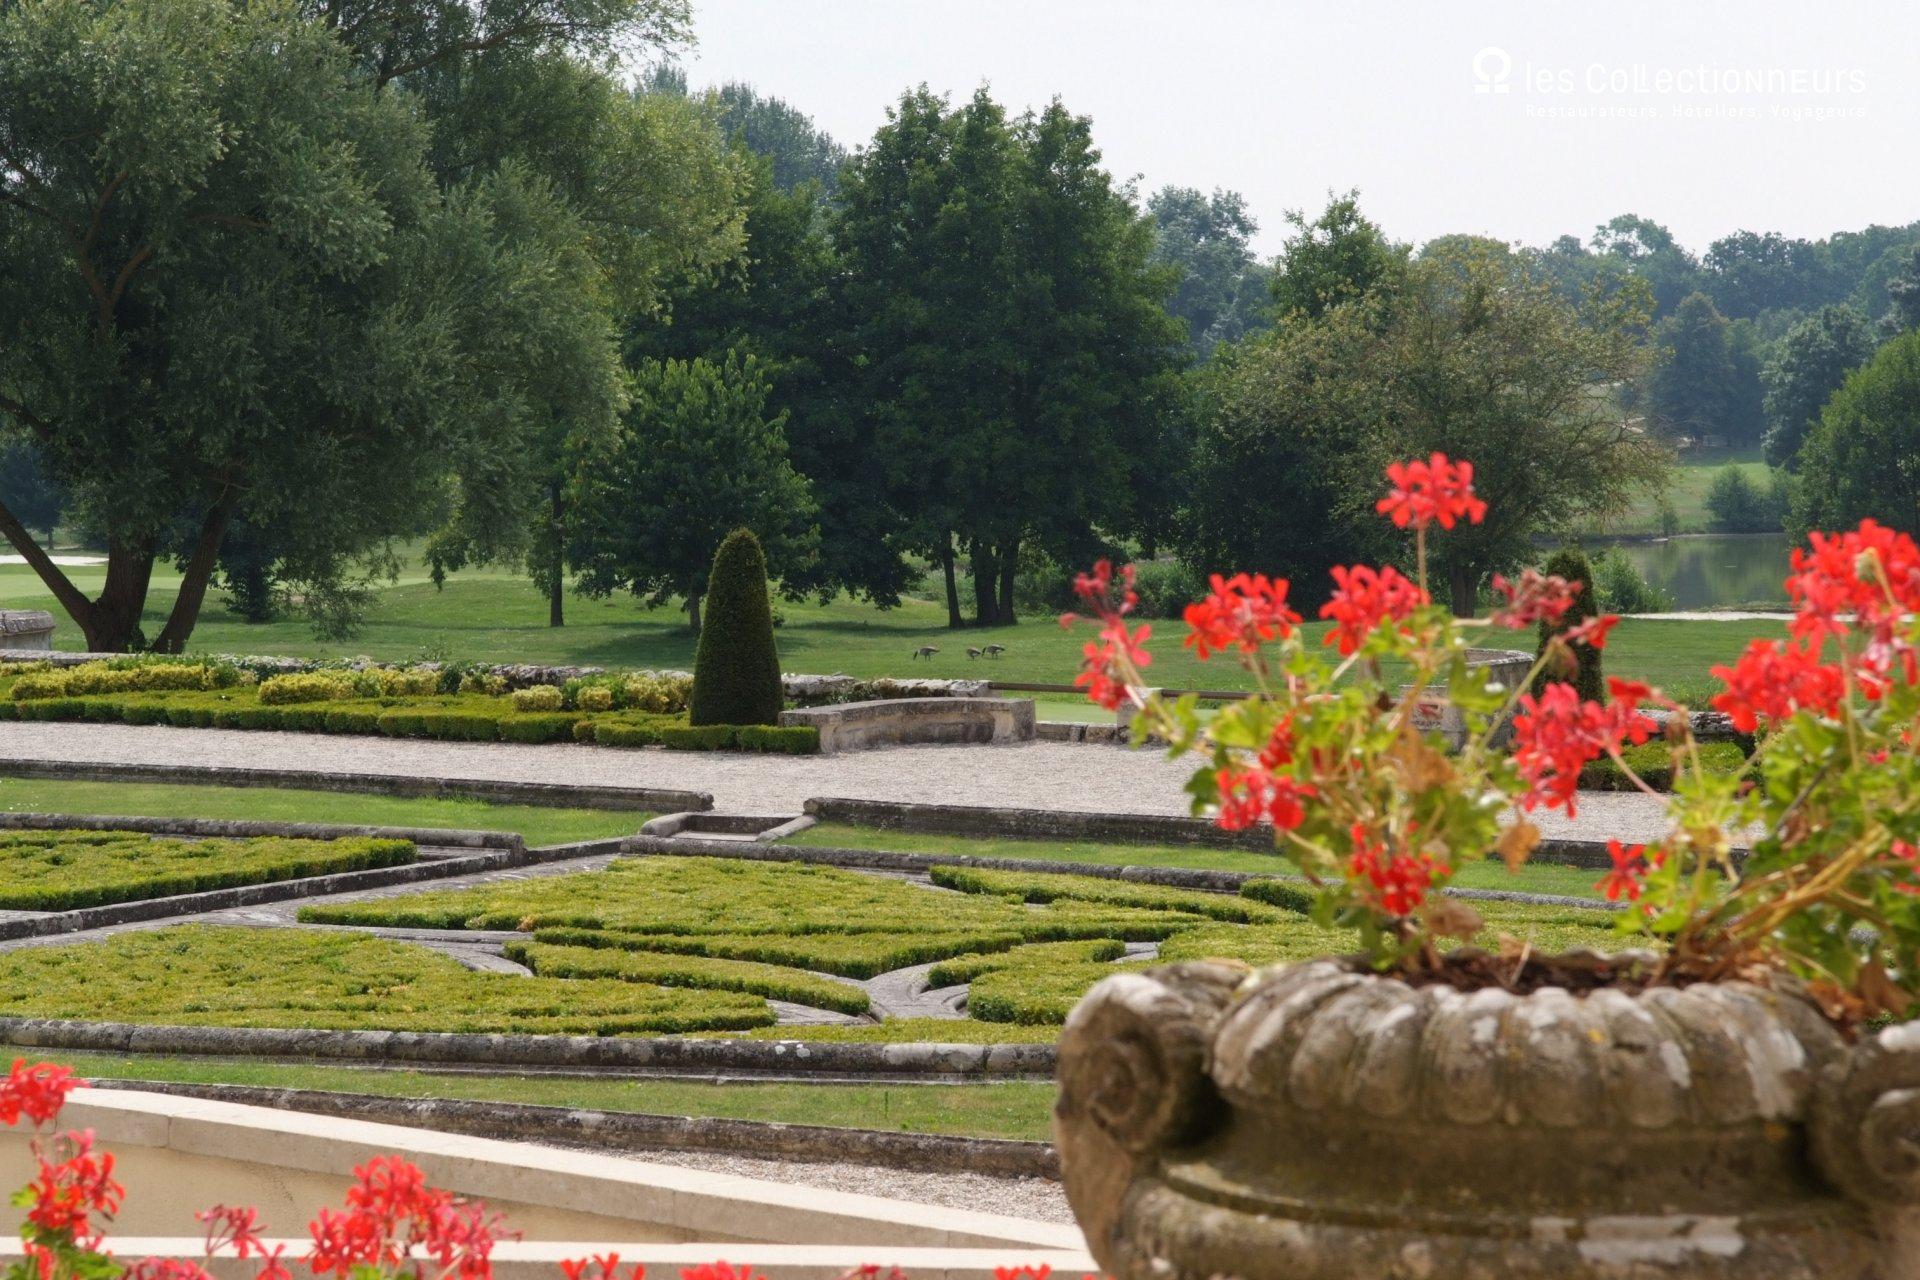 Cour du arborée dans un style jardin à la française